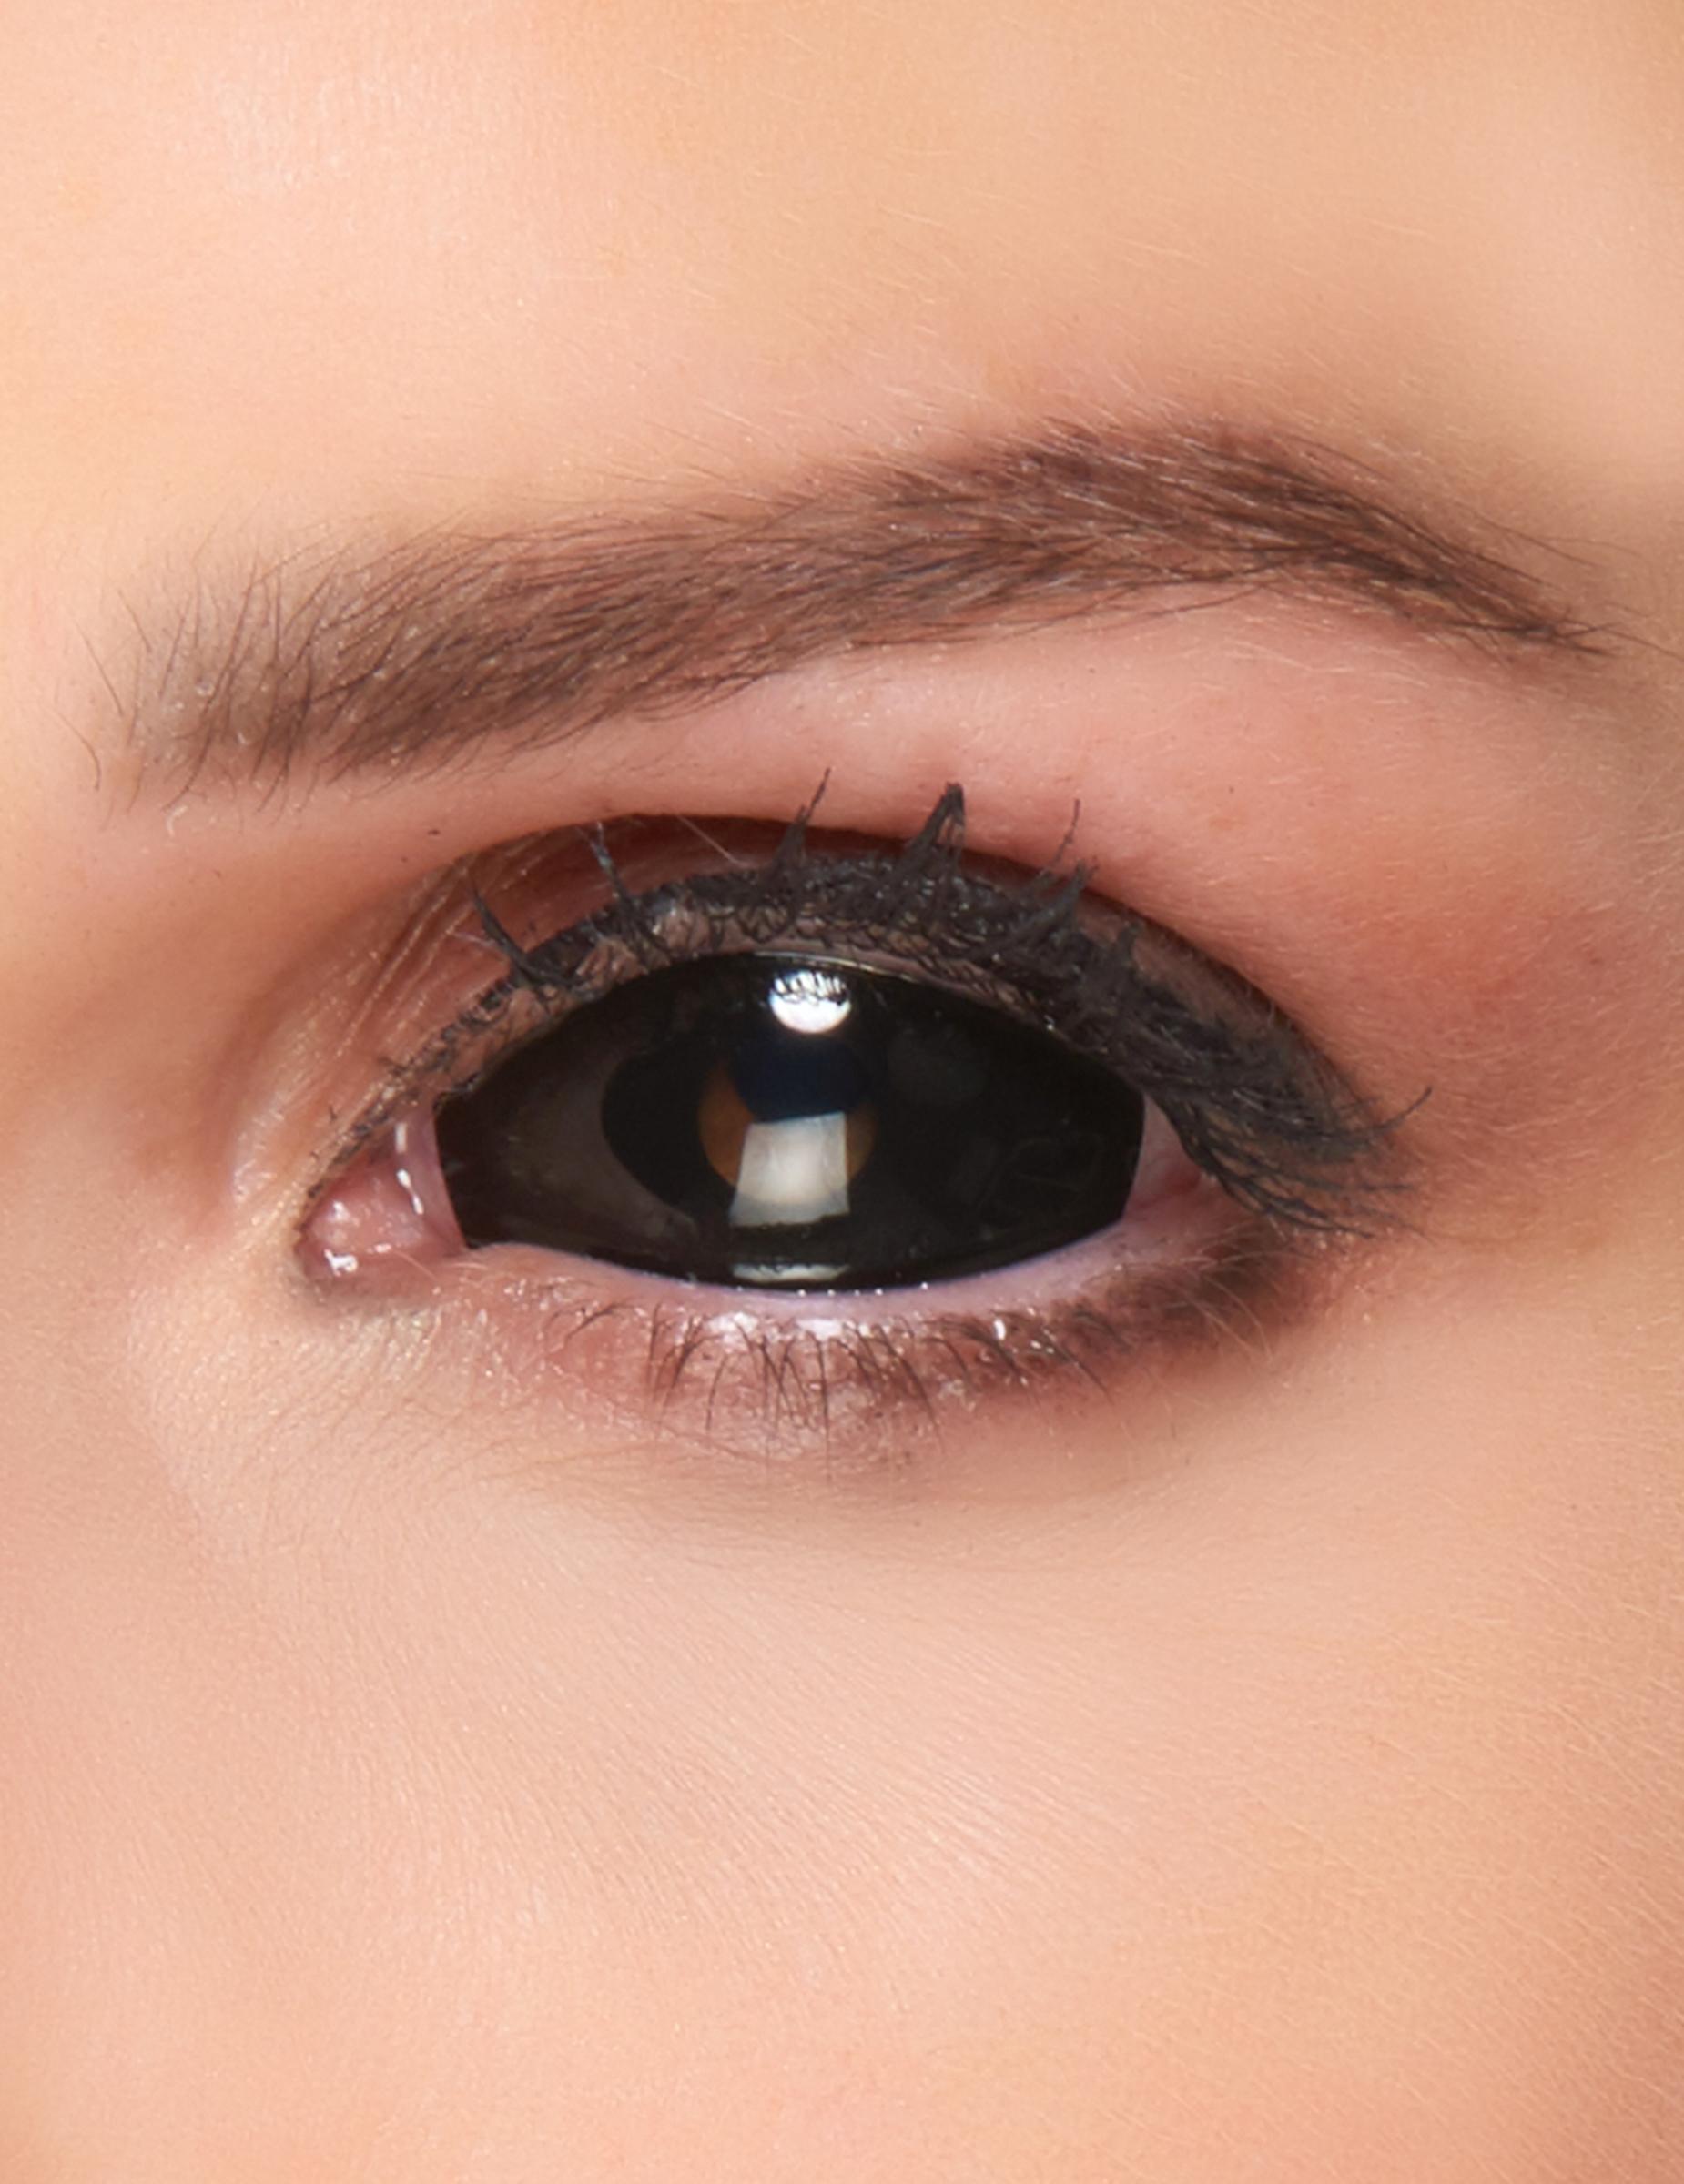 Lentilles fantaisie sclera oeil noir adulte   Deguise-toi, achat de ... a172bce9cb54